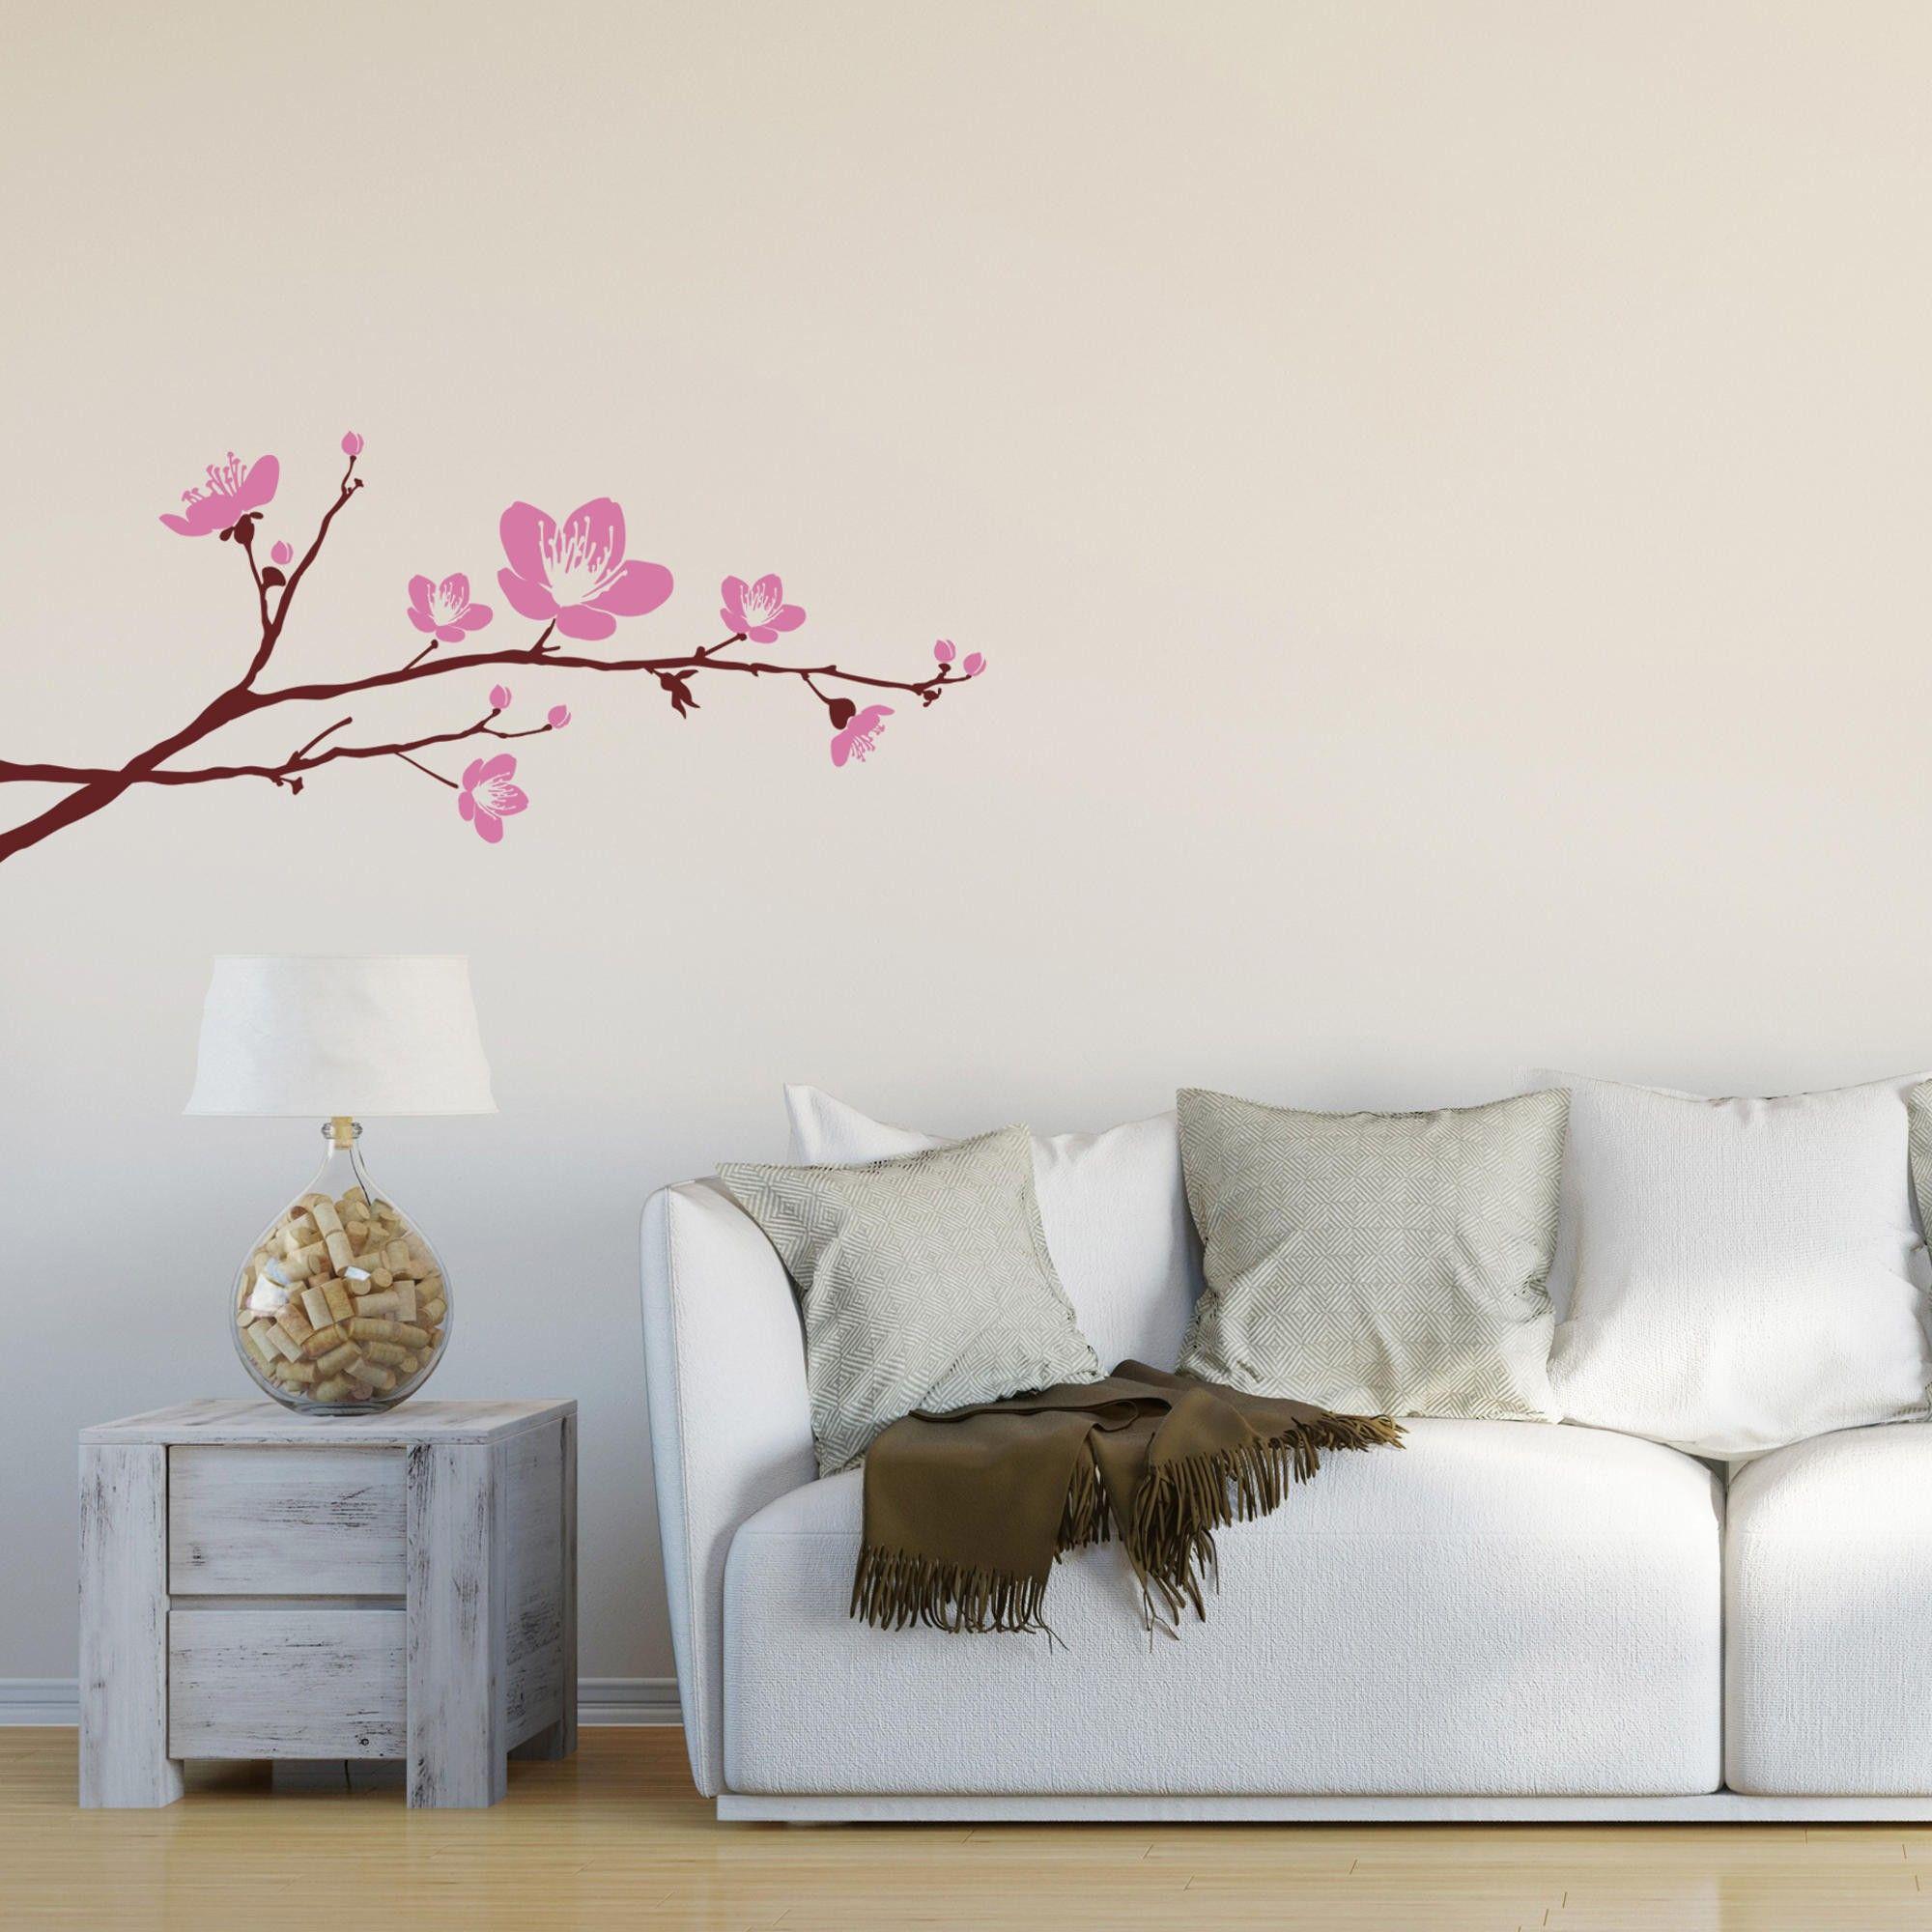 habitacion con arbol de cerezos Buscar con Google